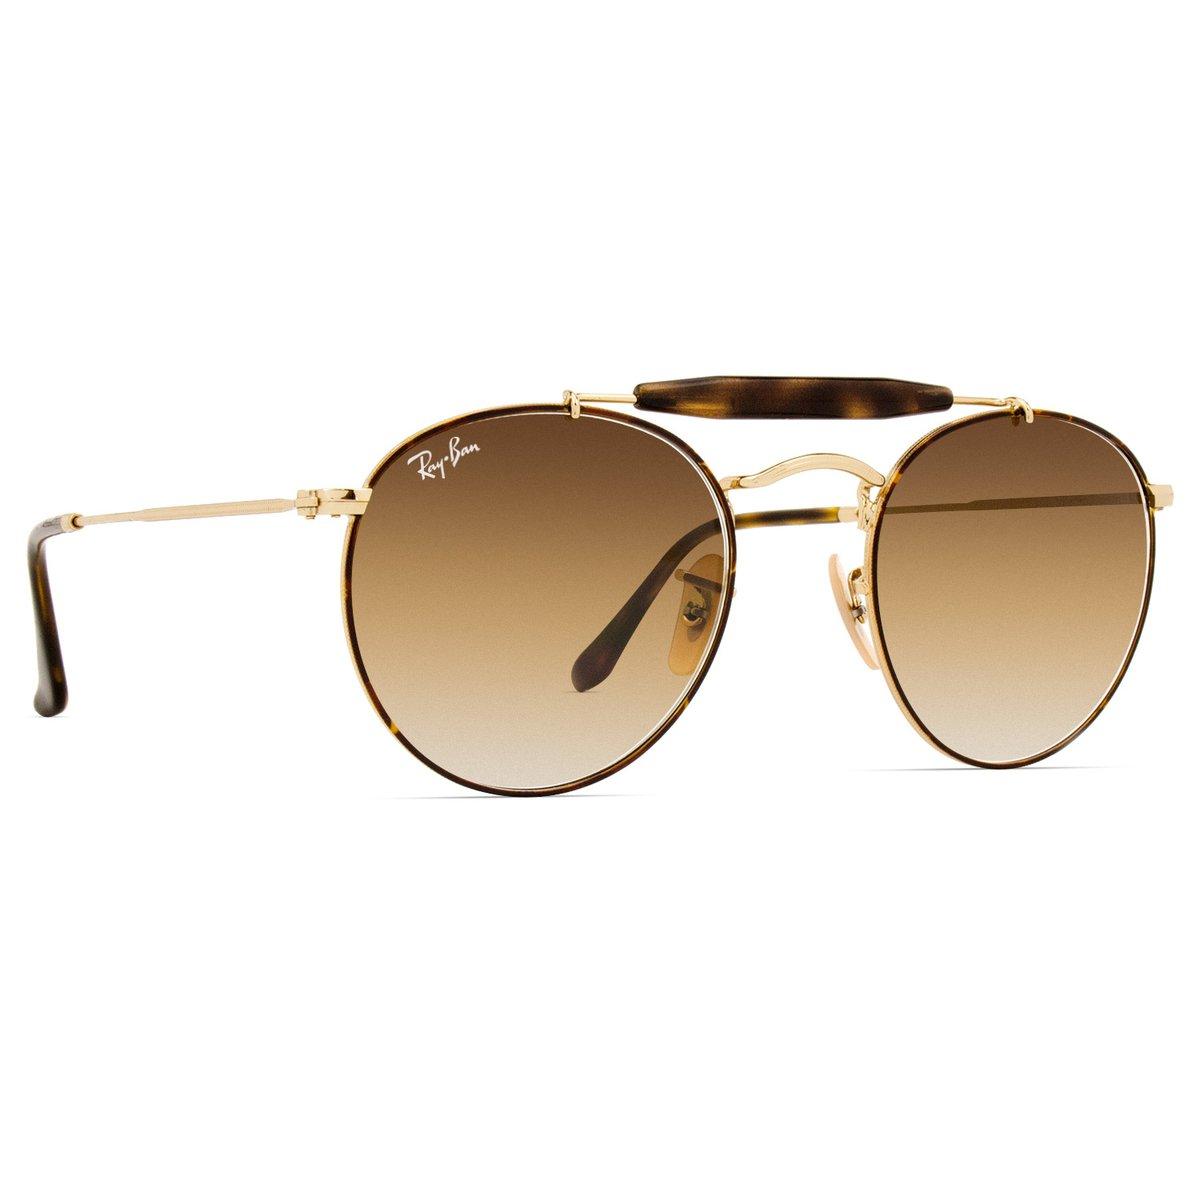 0fb96c1d43dc3 Óculos de Sol Ray Ban Baze Hexagonal - Compre Agora   Zattini